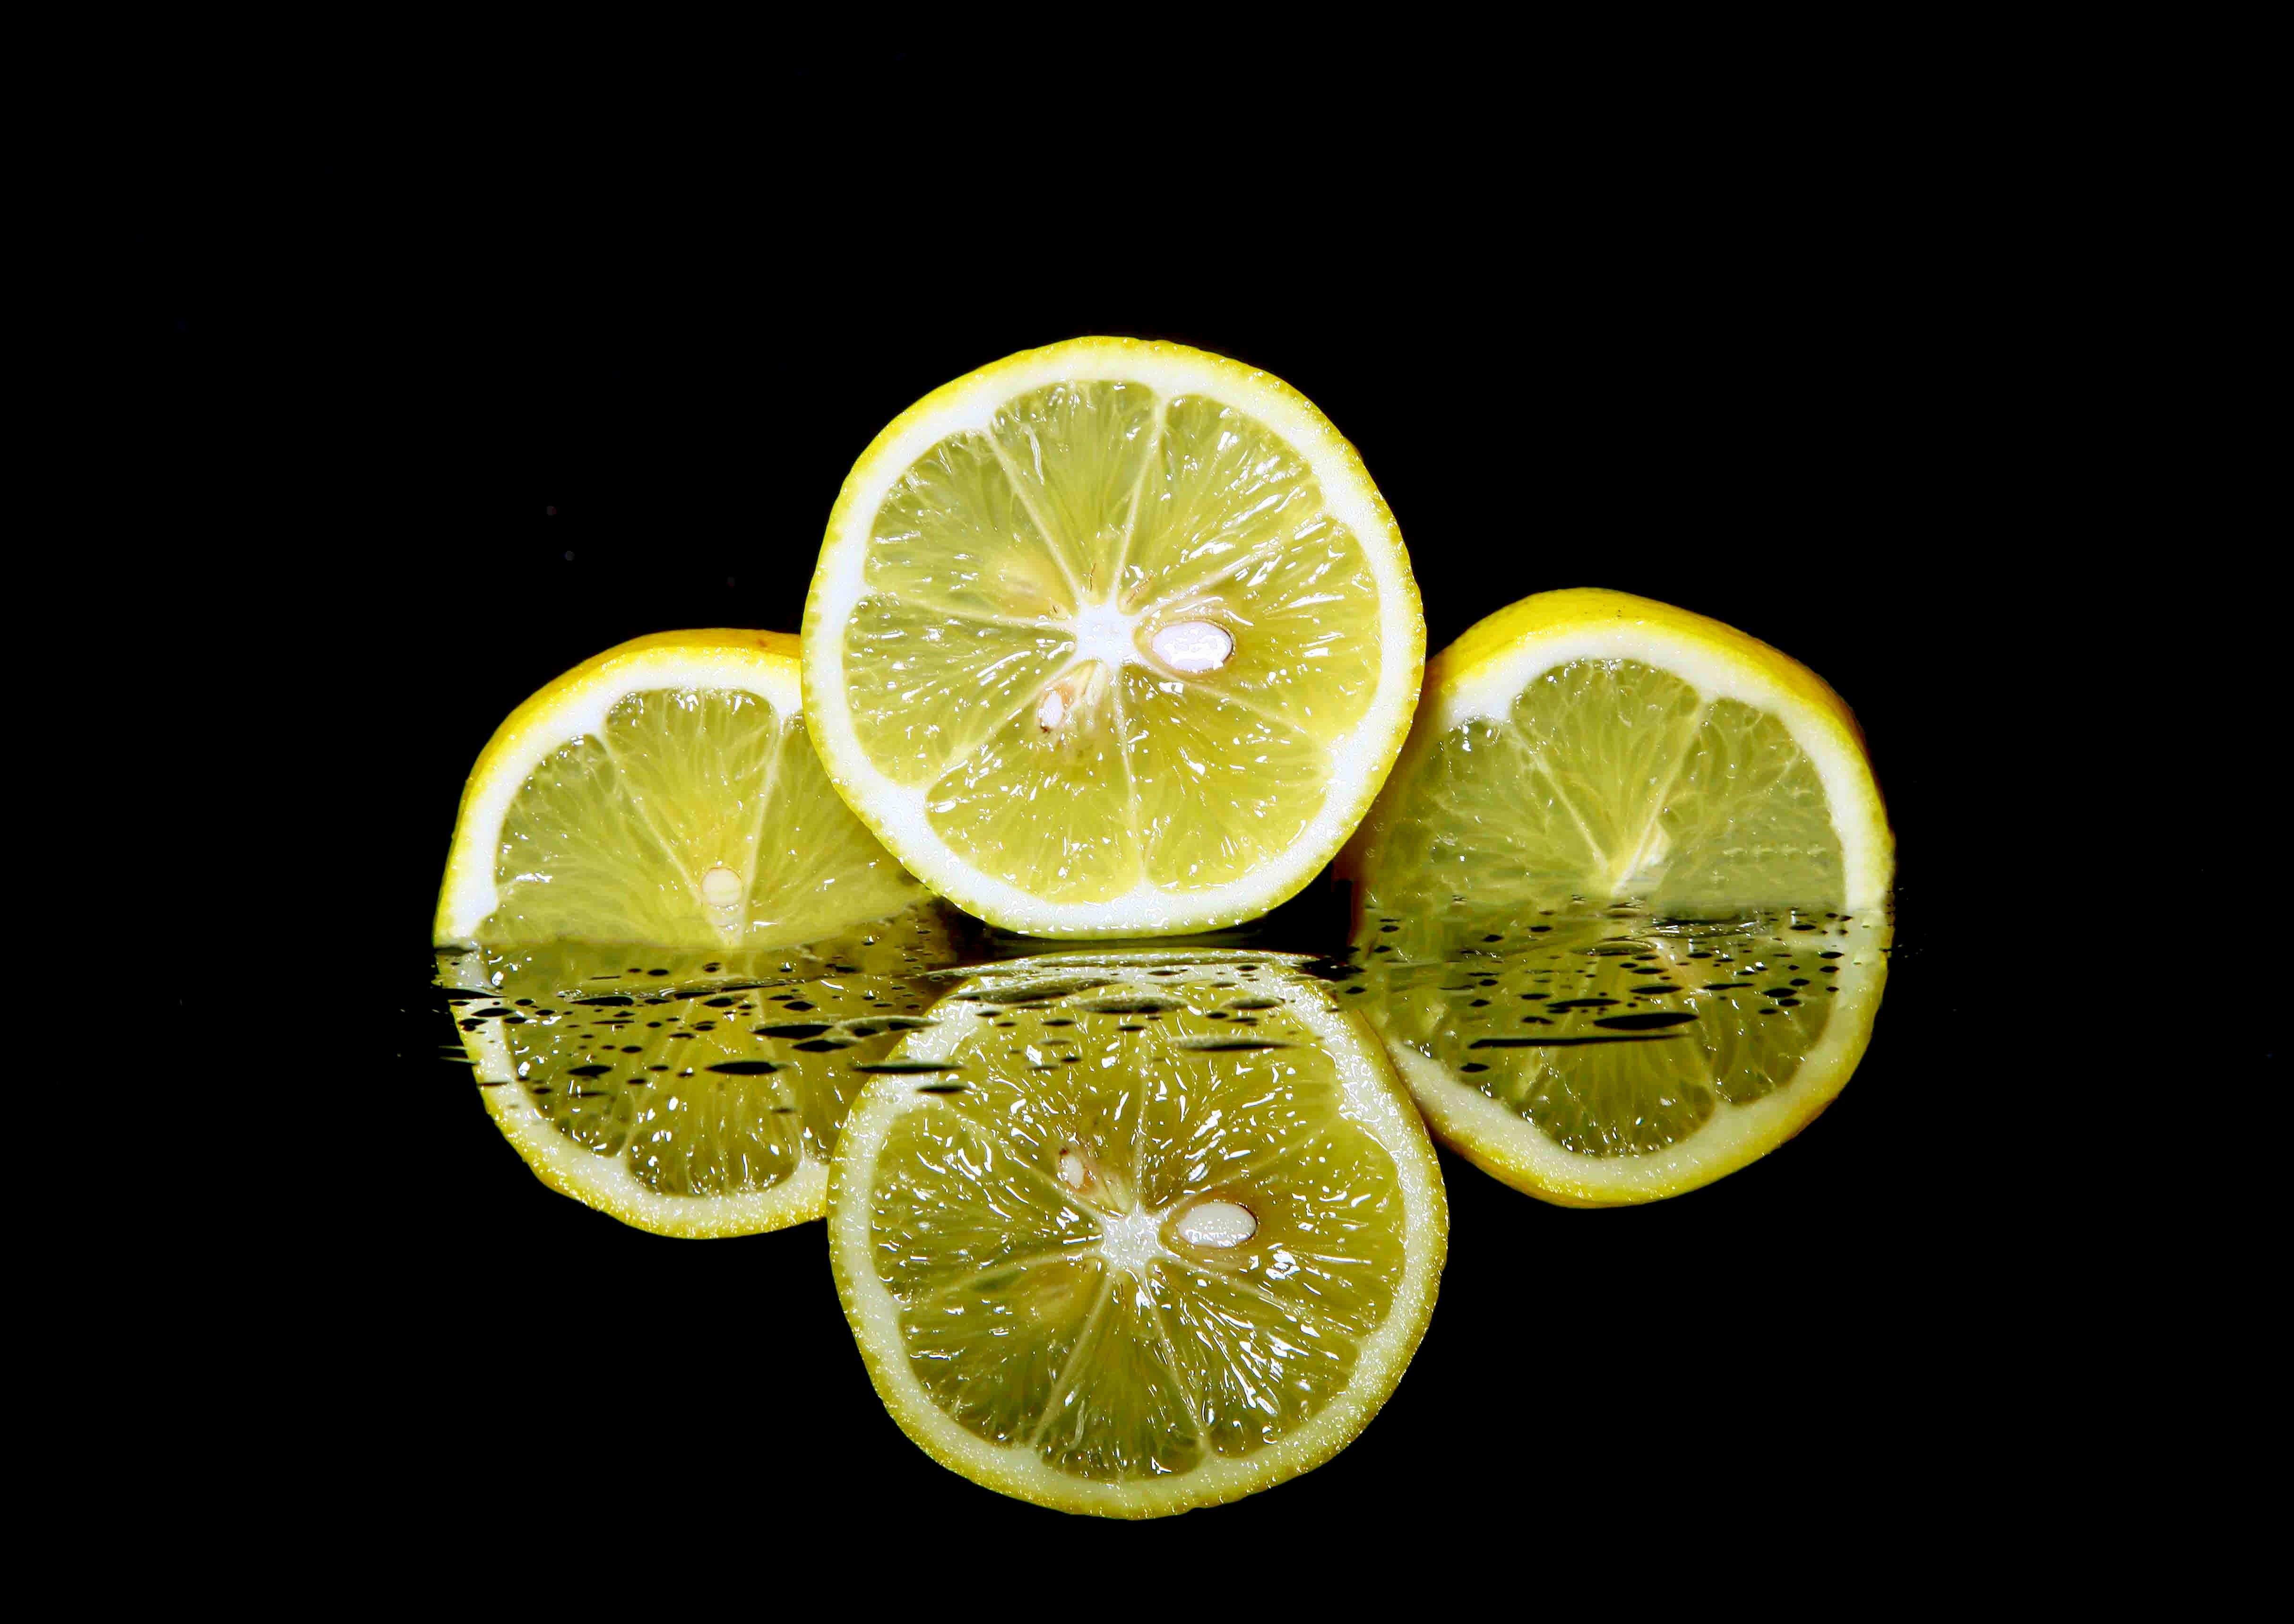 Three Sliced Lemons